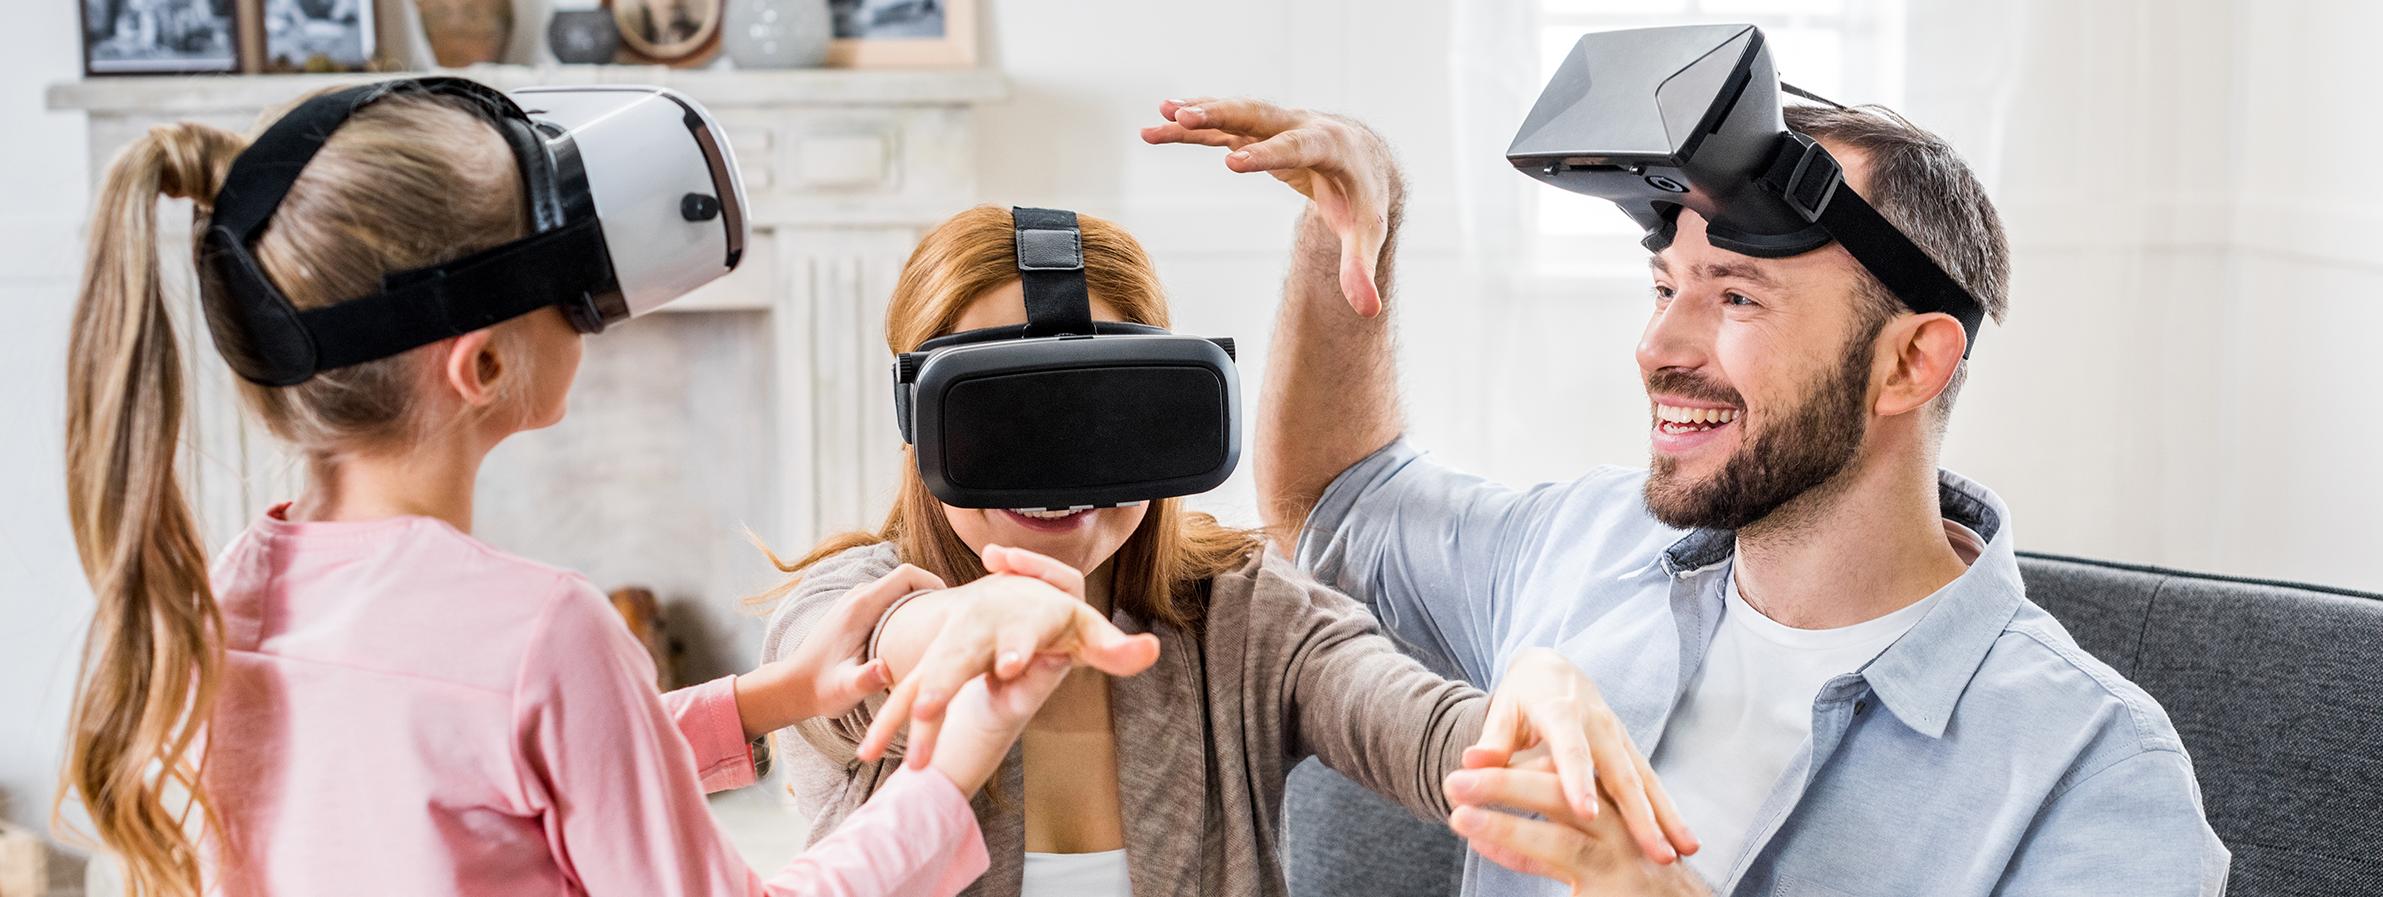 Ebeveynler Çocuğunun Dijital Akıl Hocası Olmalı!